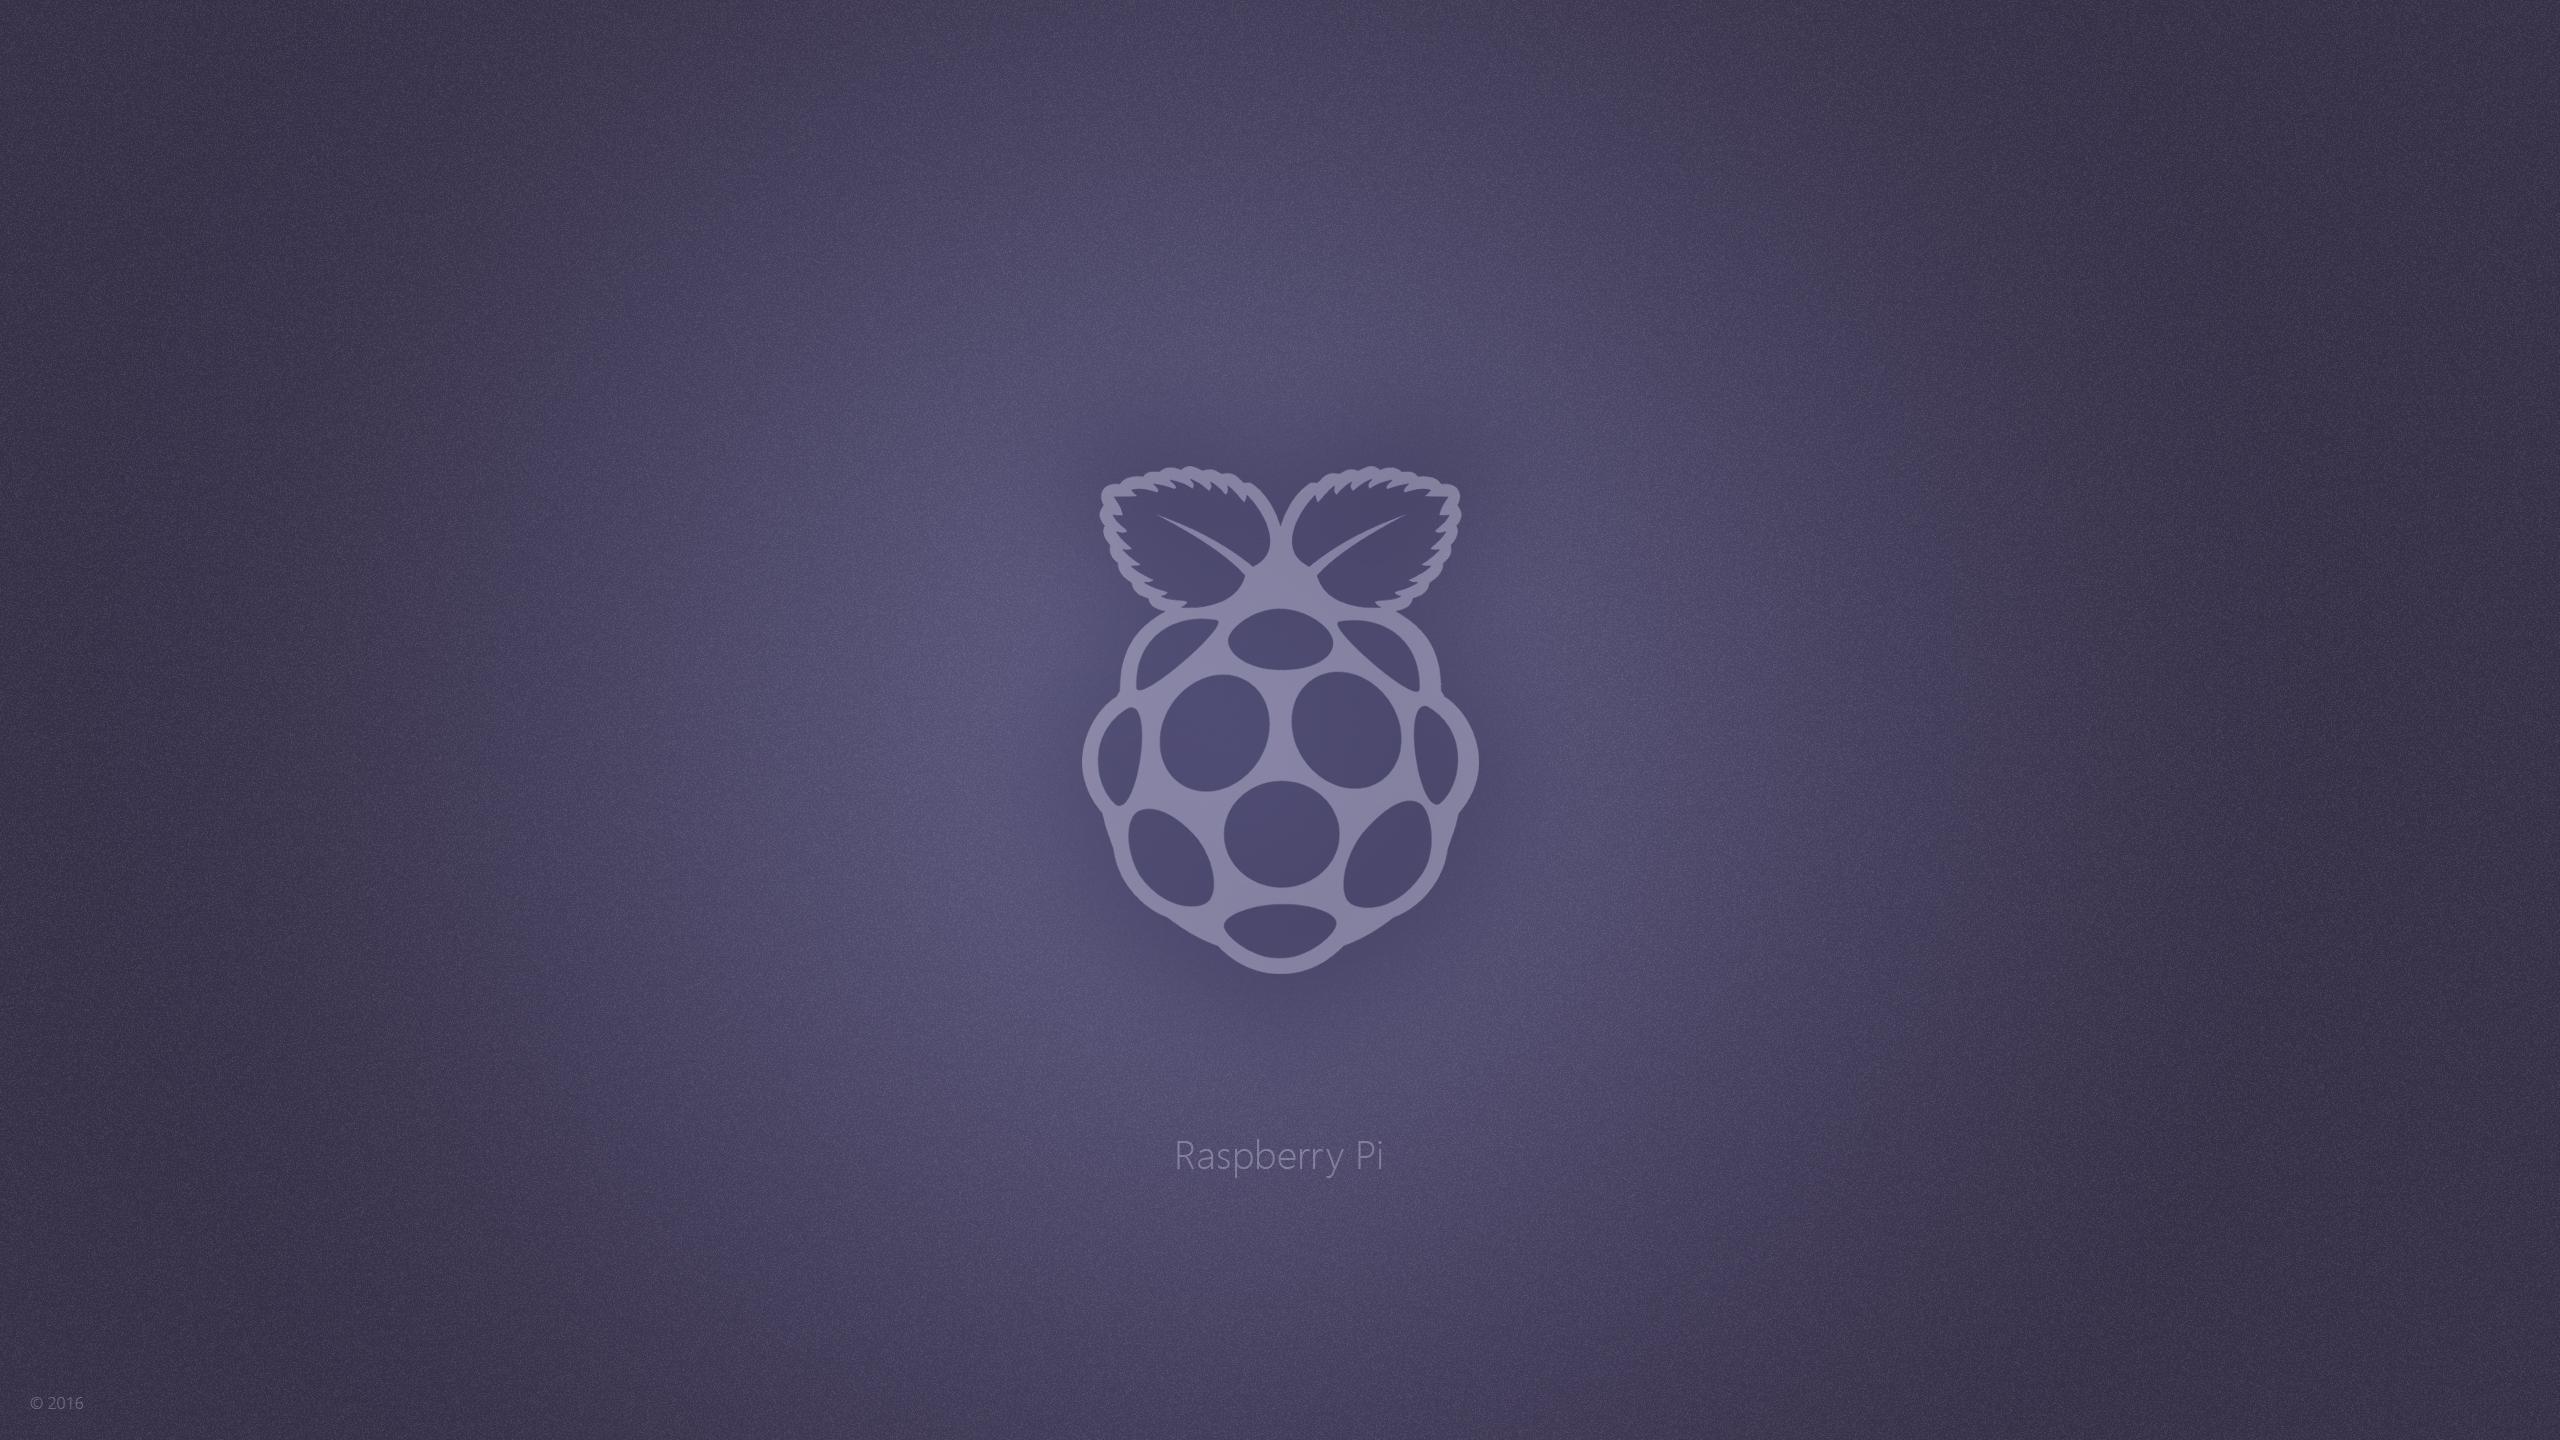 10 New Raspberry Pi Logo Wallpaper FULL HD 1920×1080 For PC